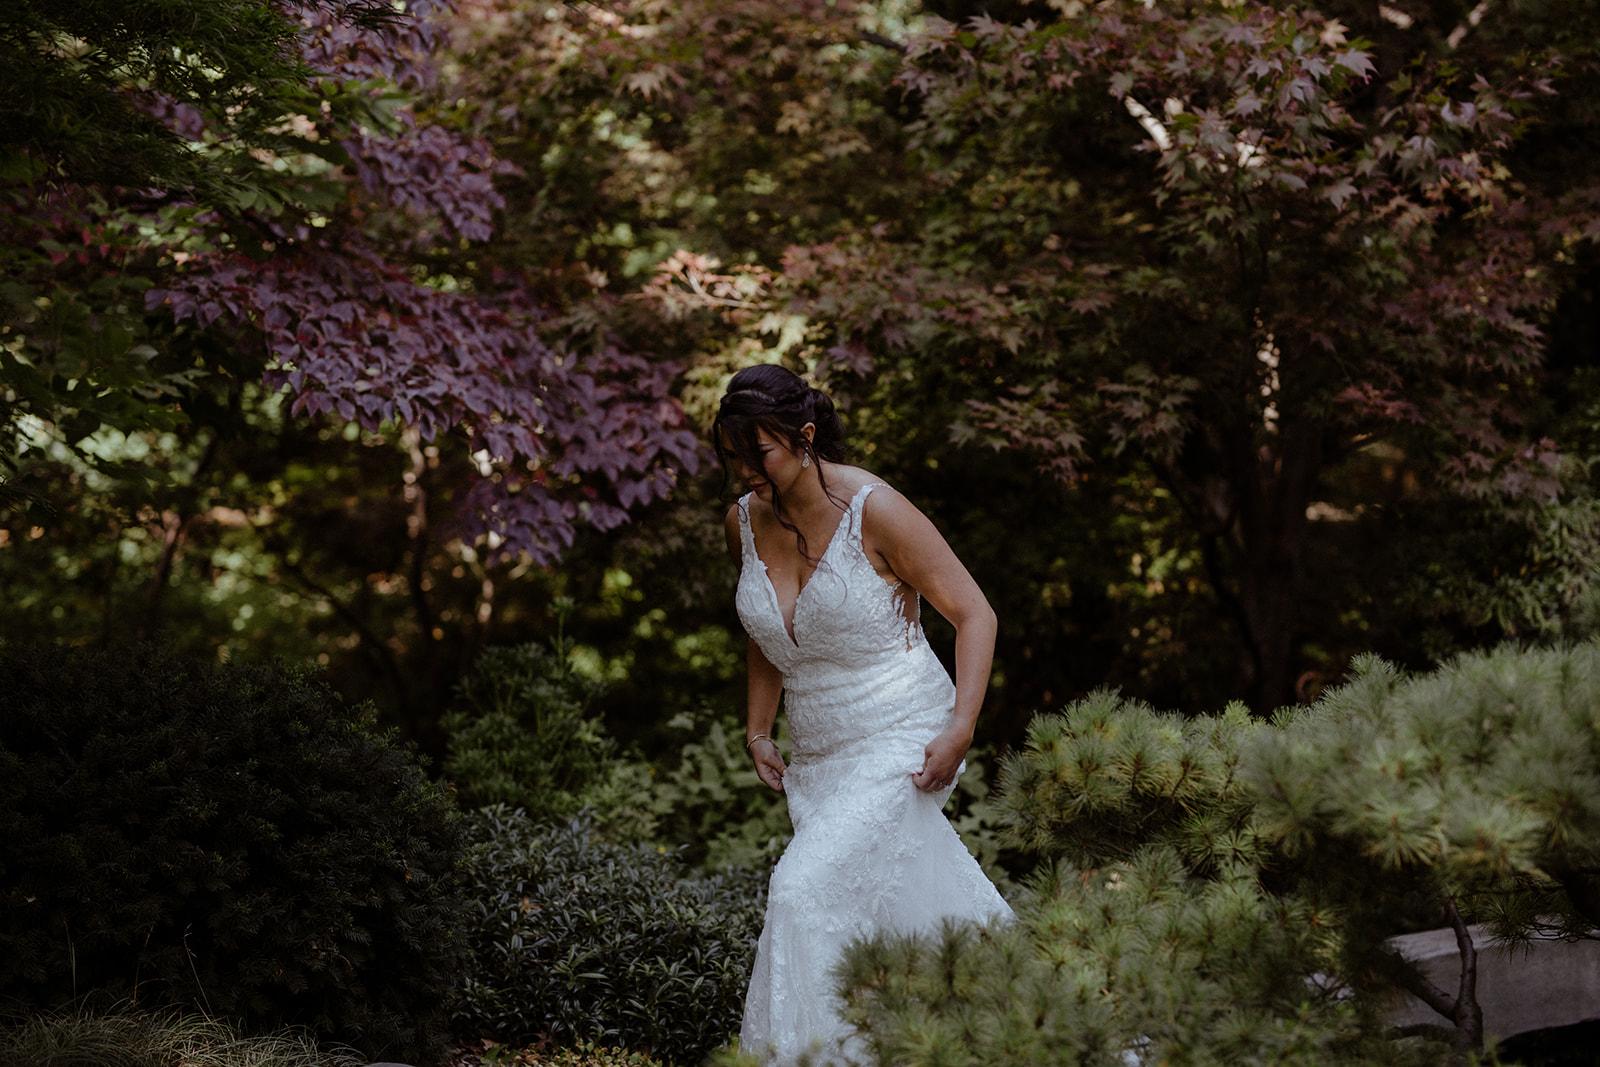 cleveland botanical garden wedding - chris + katie 78